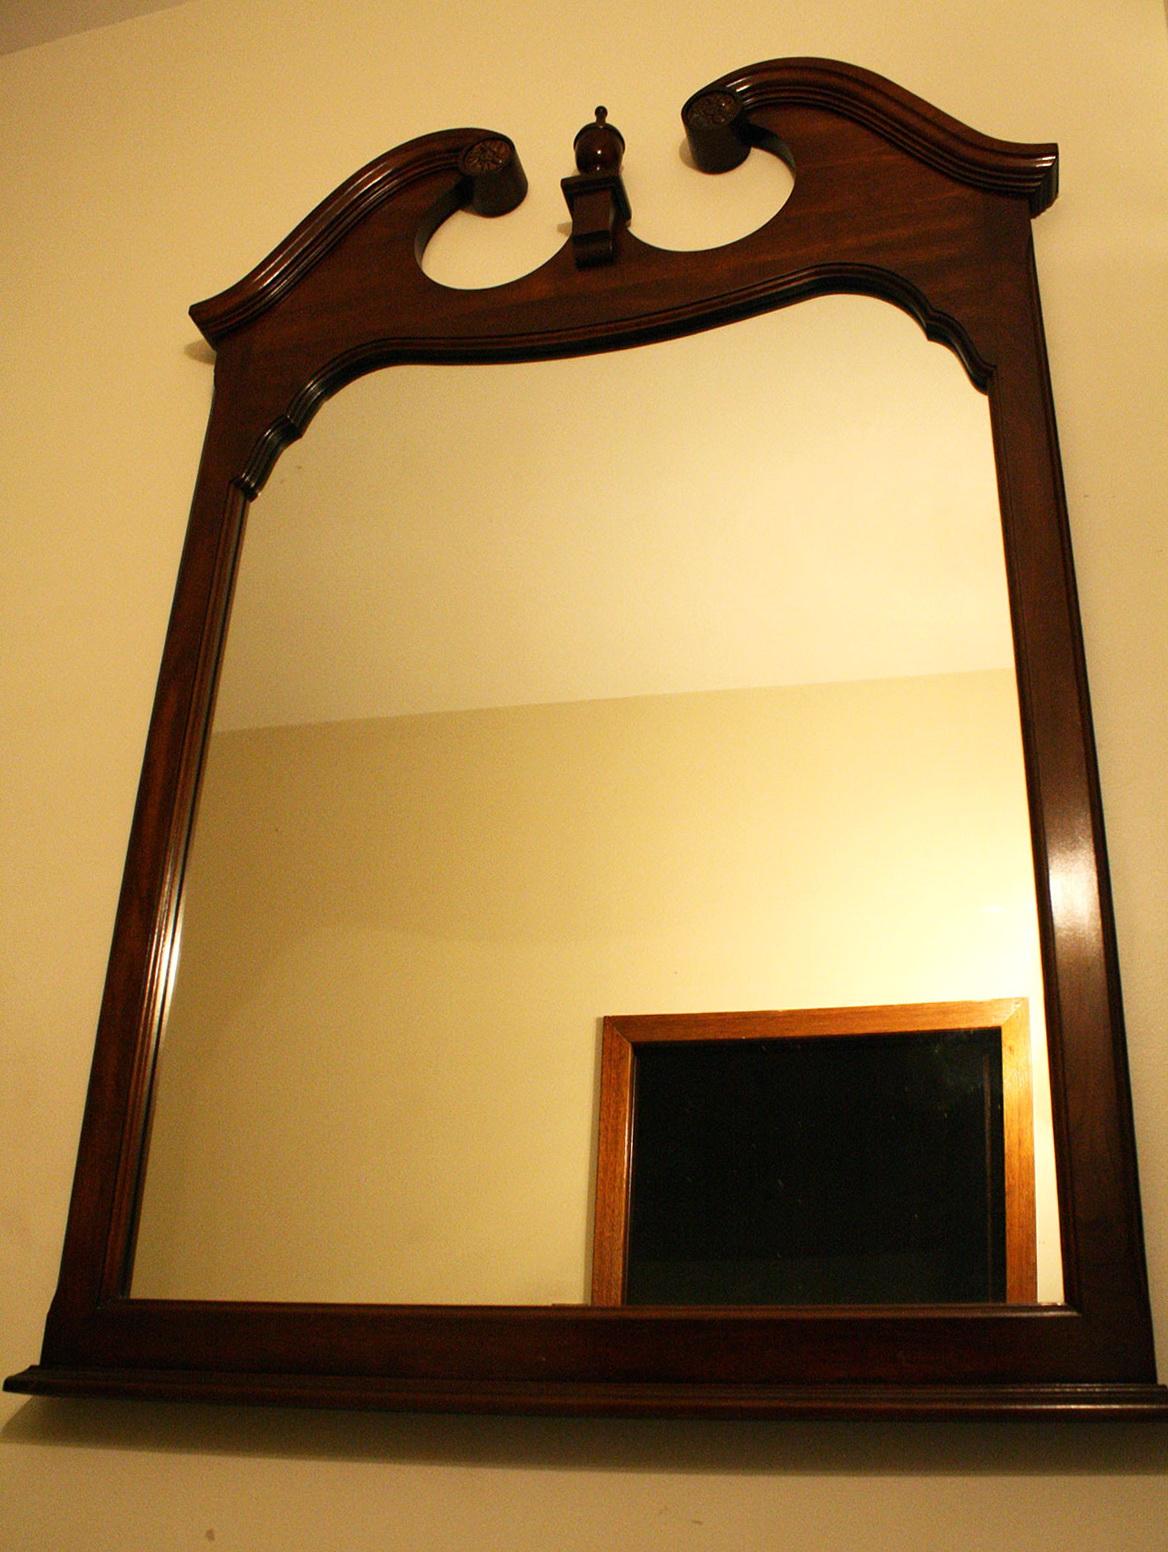 Hanging Heavy Mirror On Sheetrock